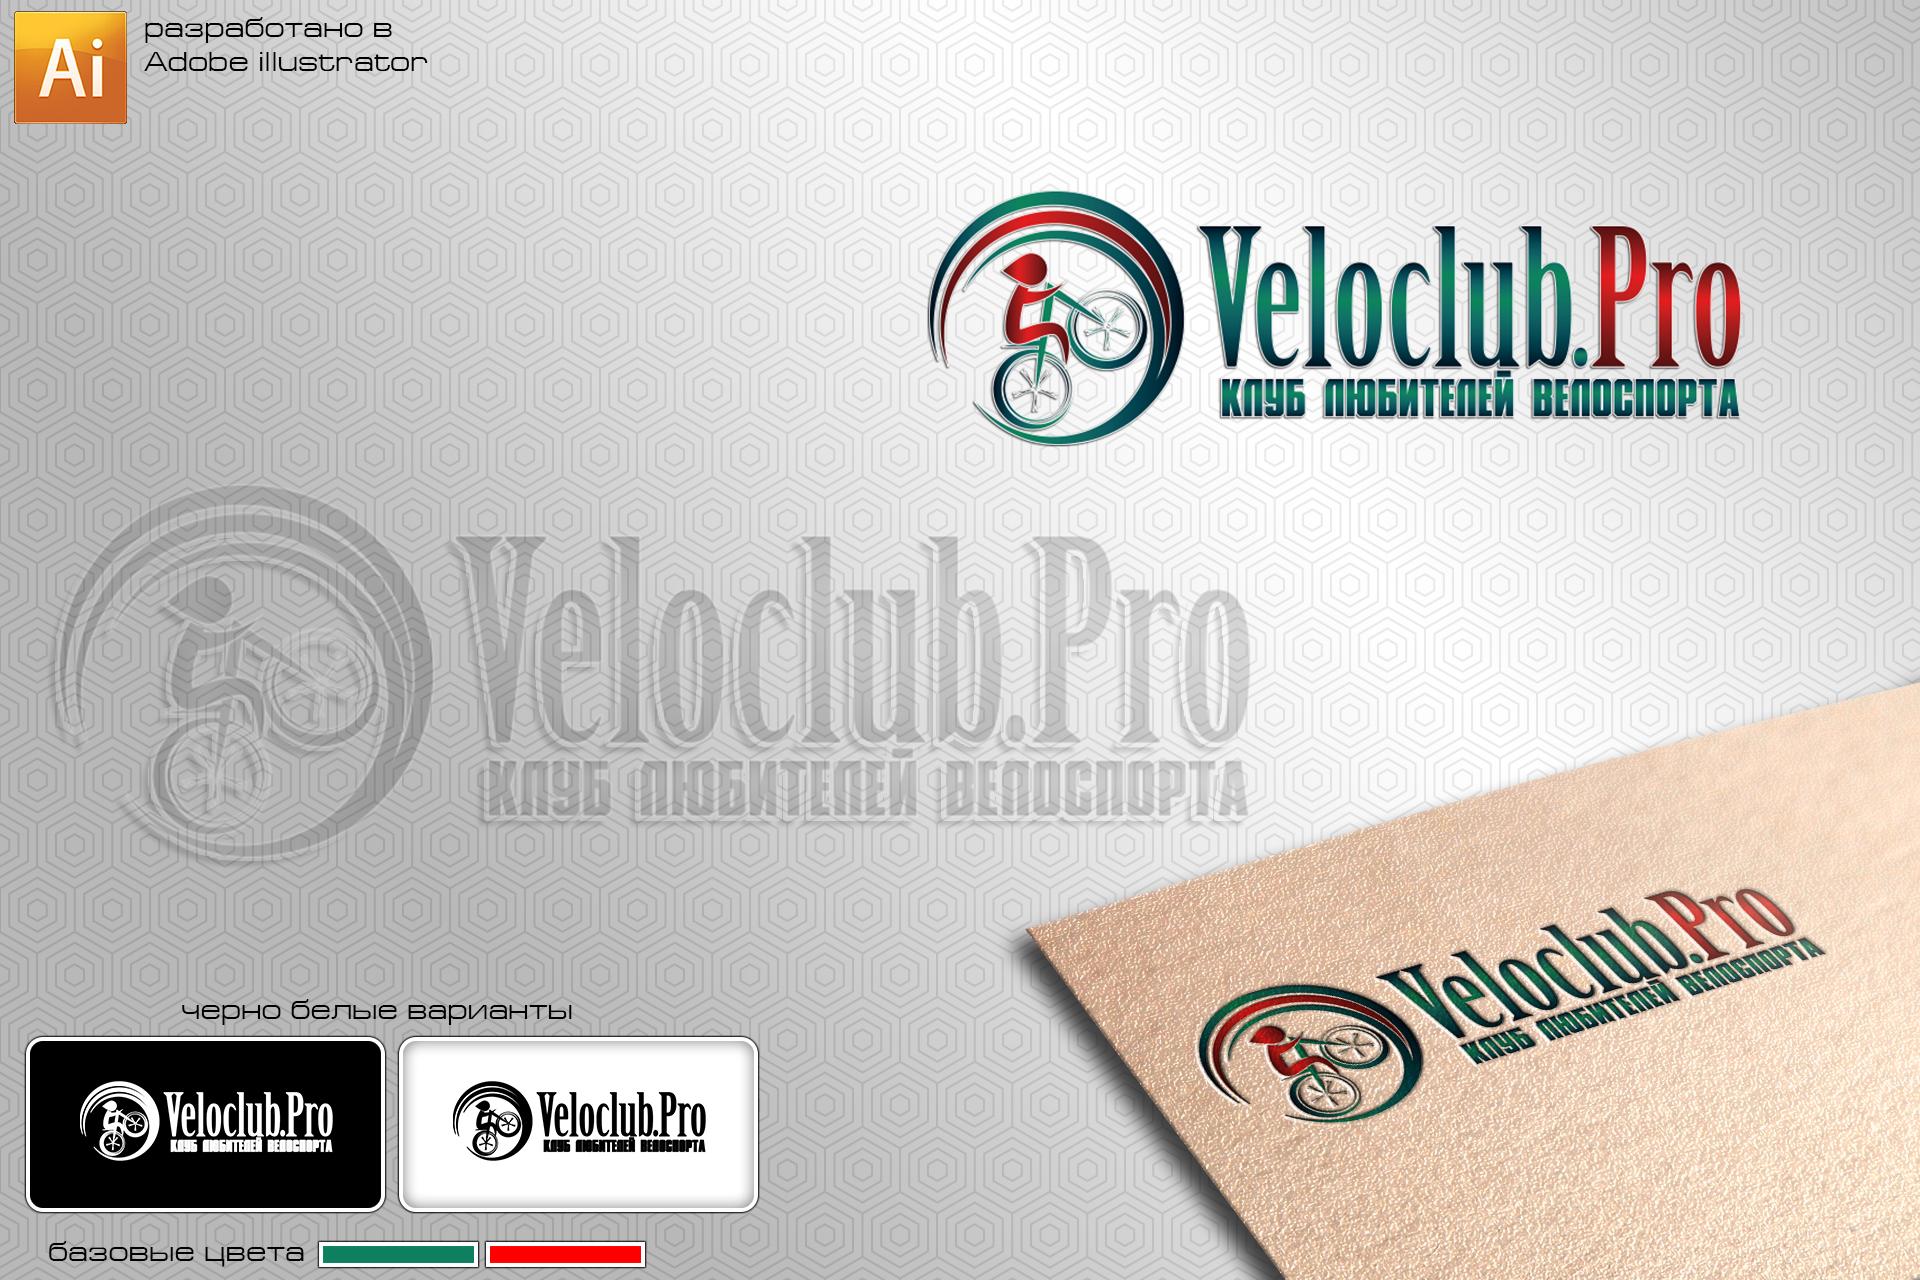 Клуб любителей велоспорта